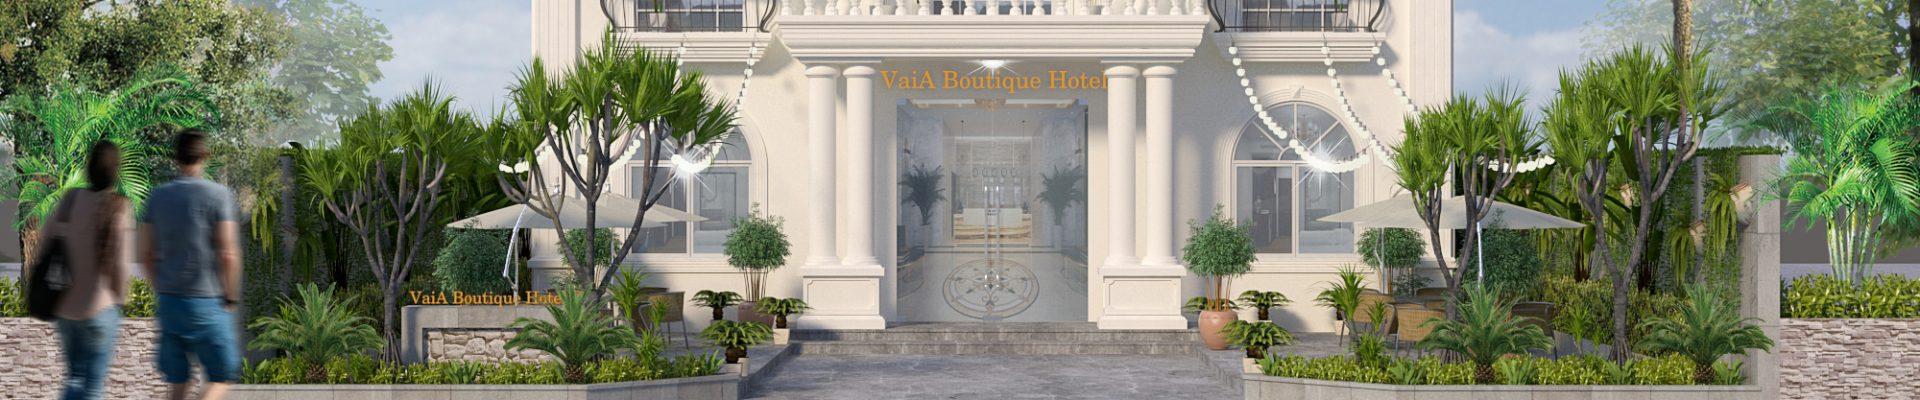 Thiết kế thi công khách sạn 2 sao chuyên nghiệp